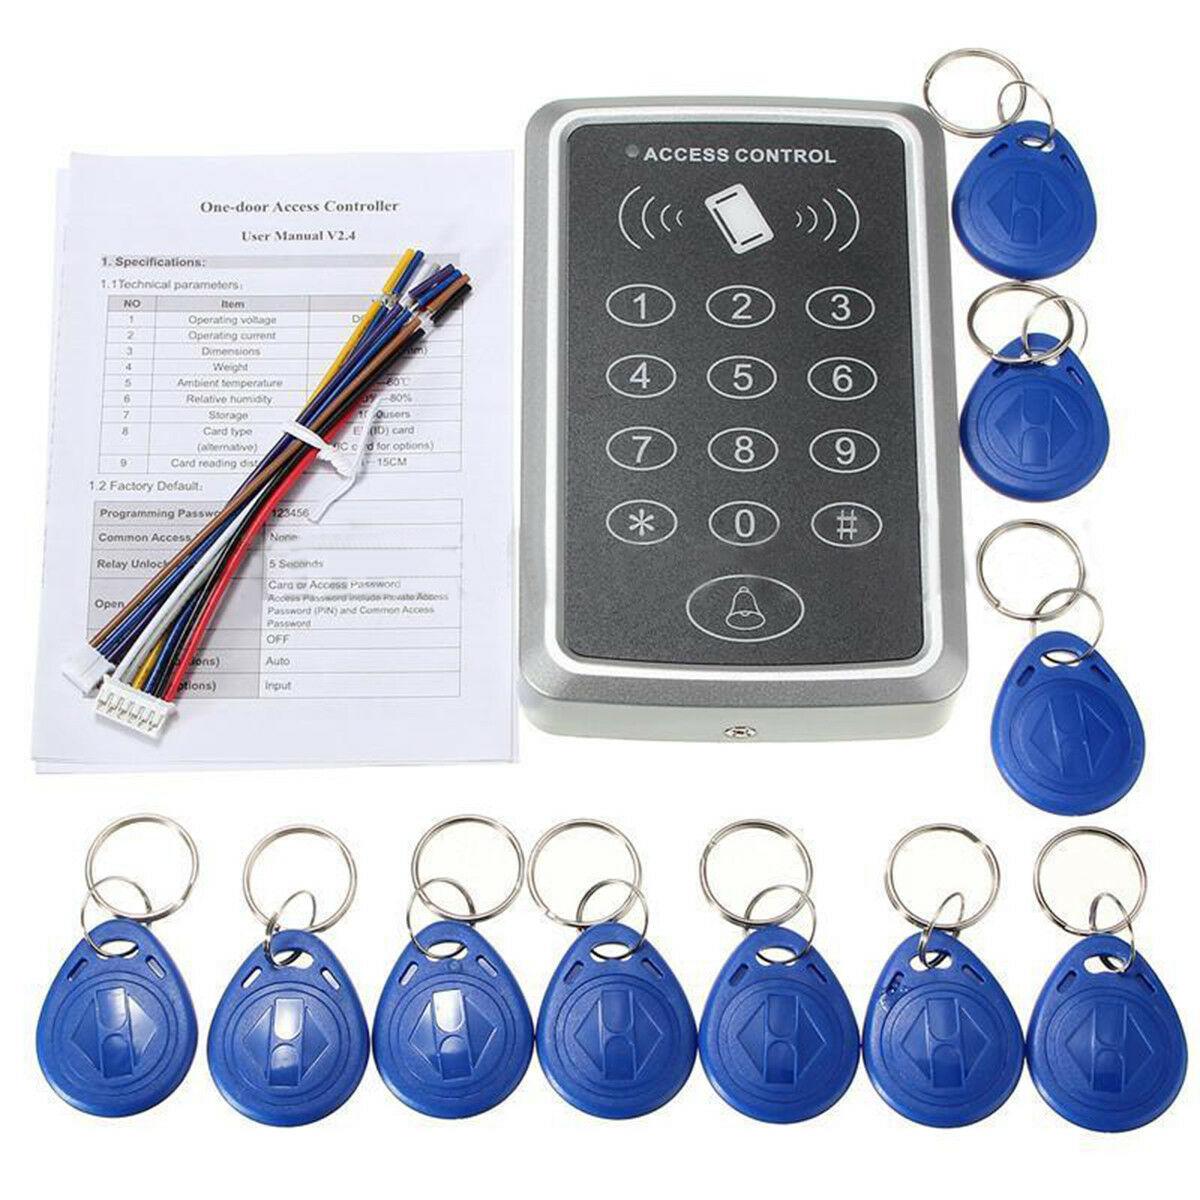 Access Control (RFID/Keypad) System with 10 Keyfob